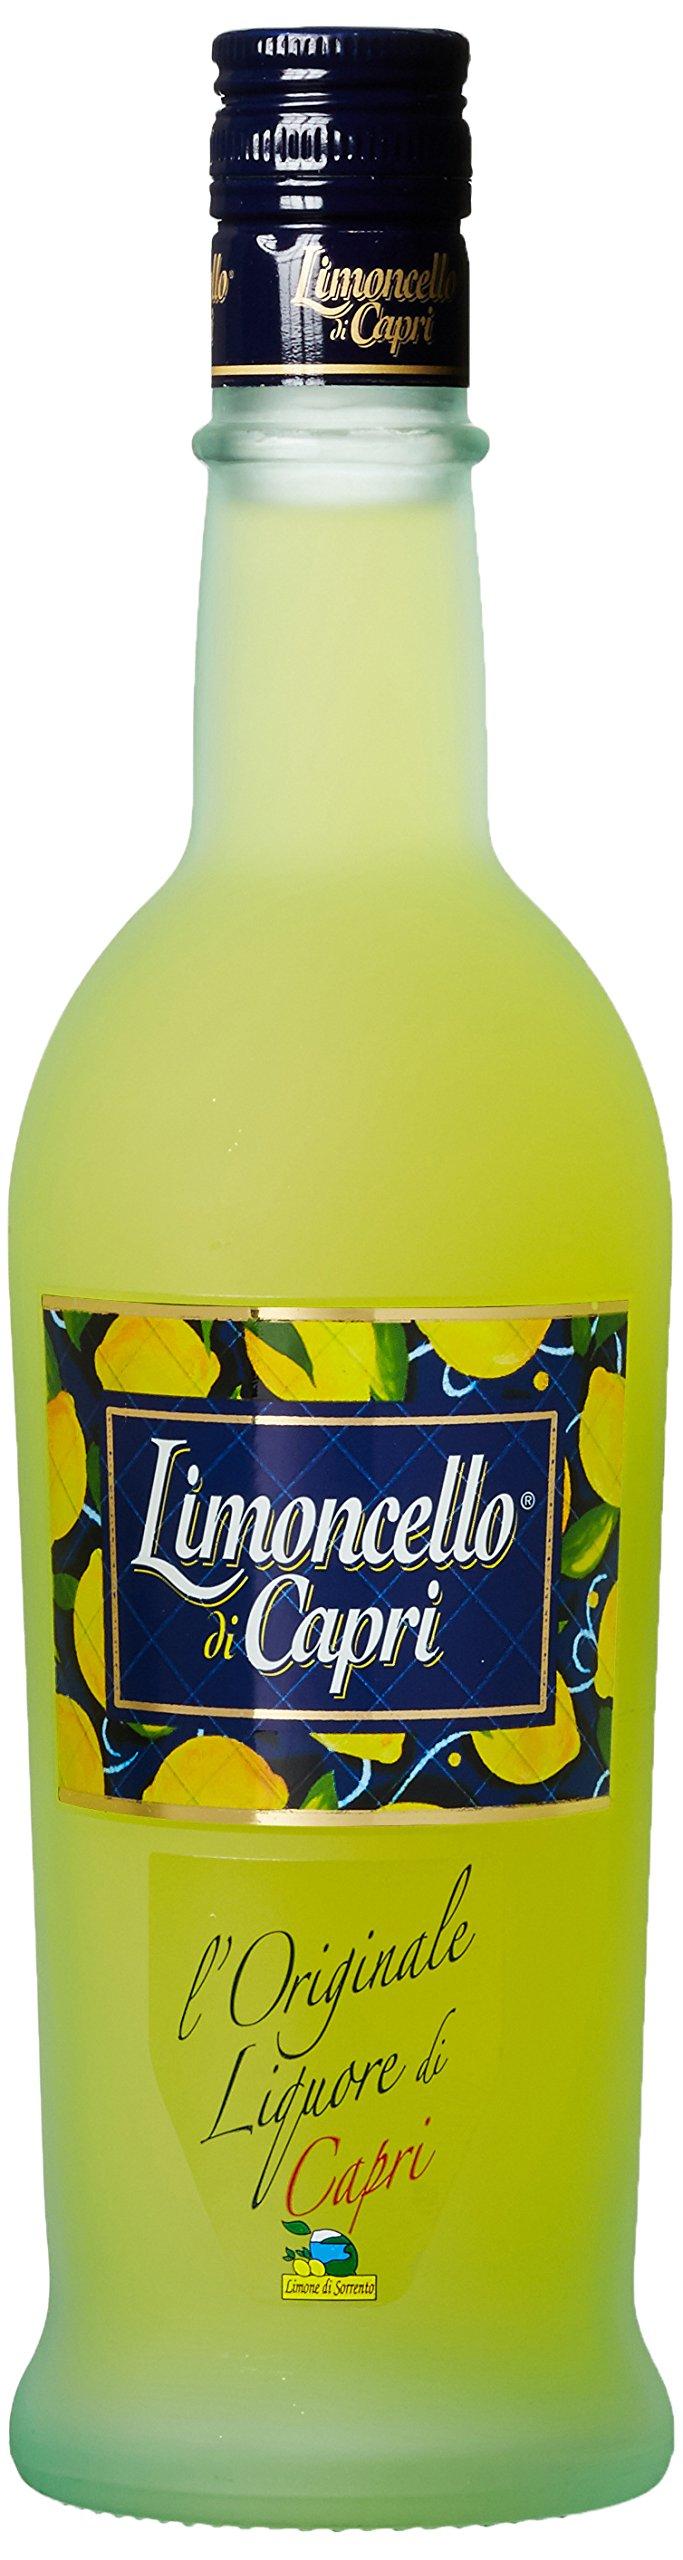 Limoncello-di-Capri-Likr-1-x-07-l